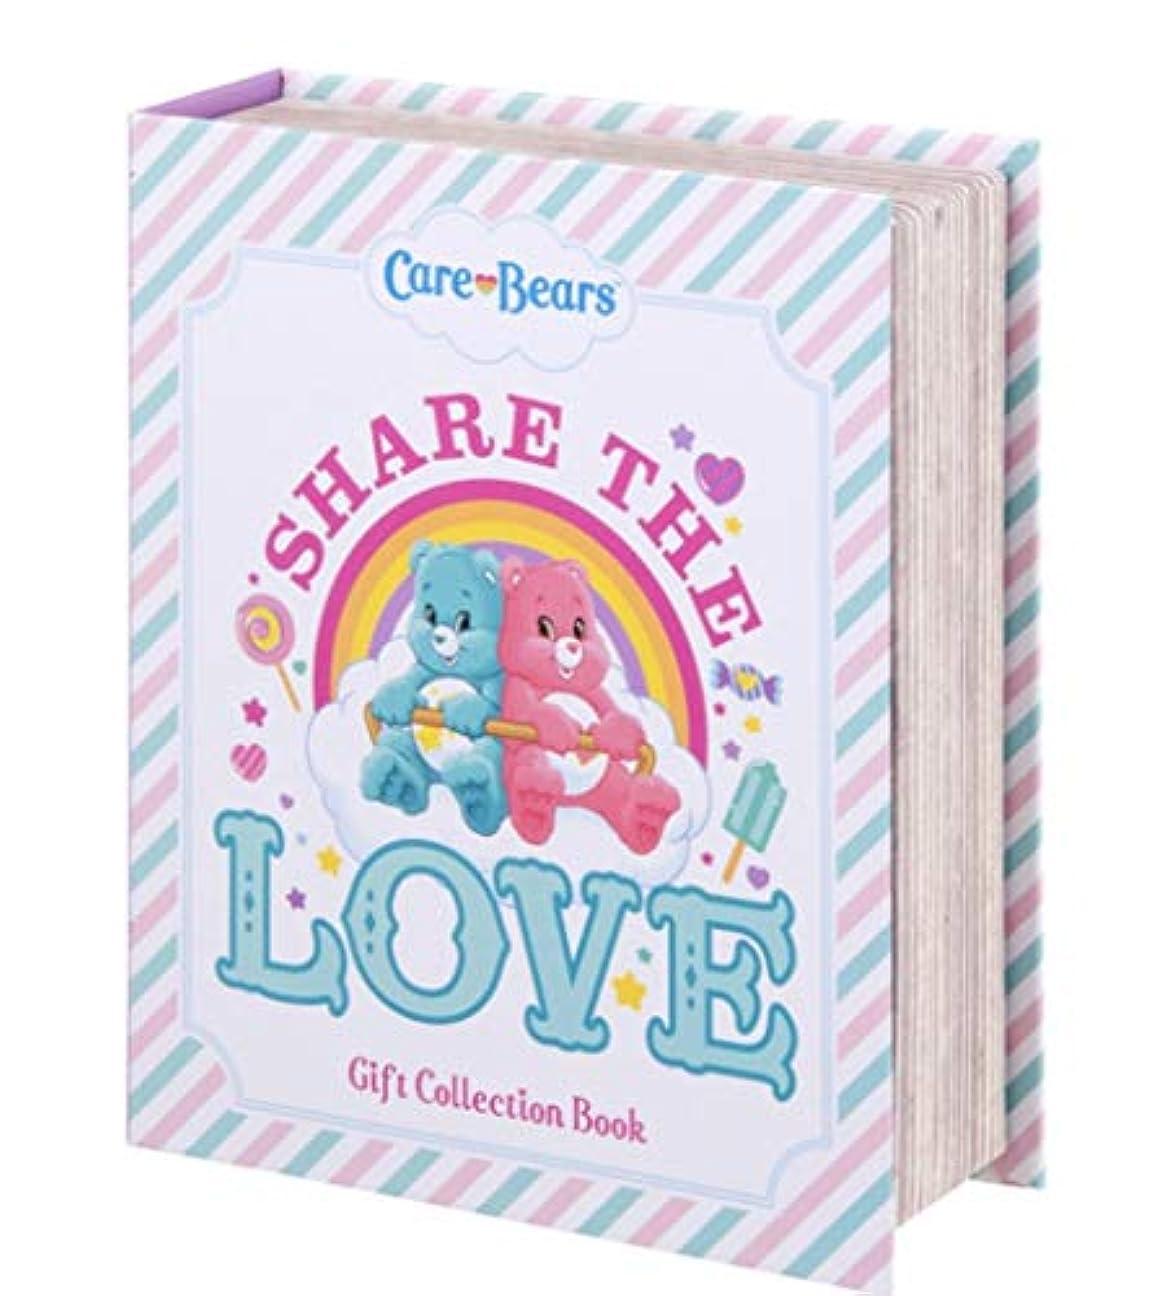 ケアベア Care Bears ボディケア ギフトコレクションブック Gift Collection Book Body Care Coffret